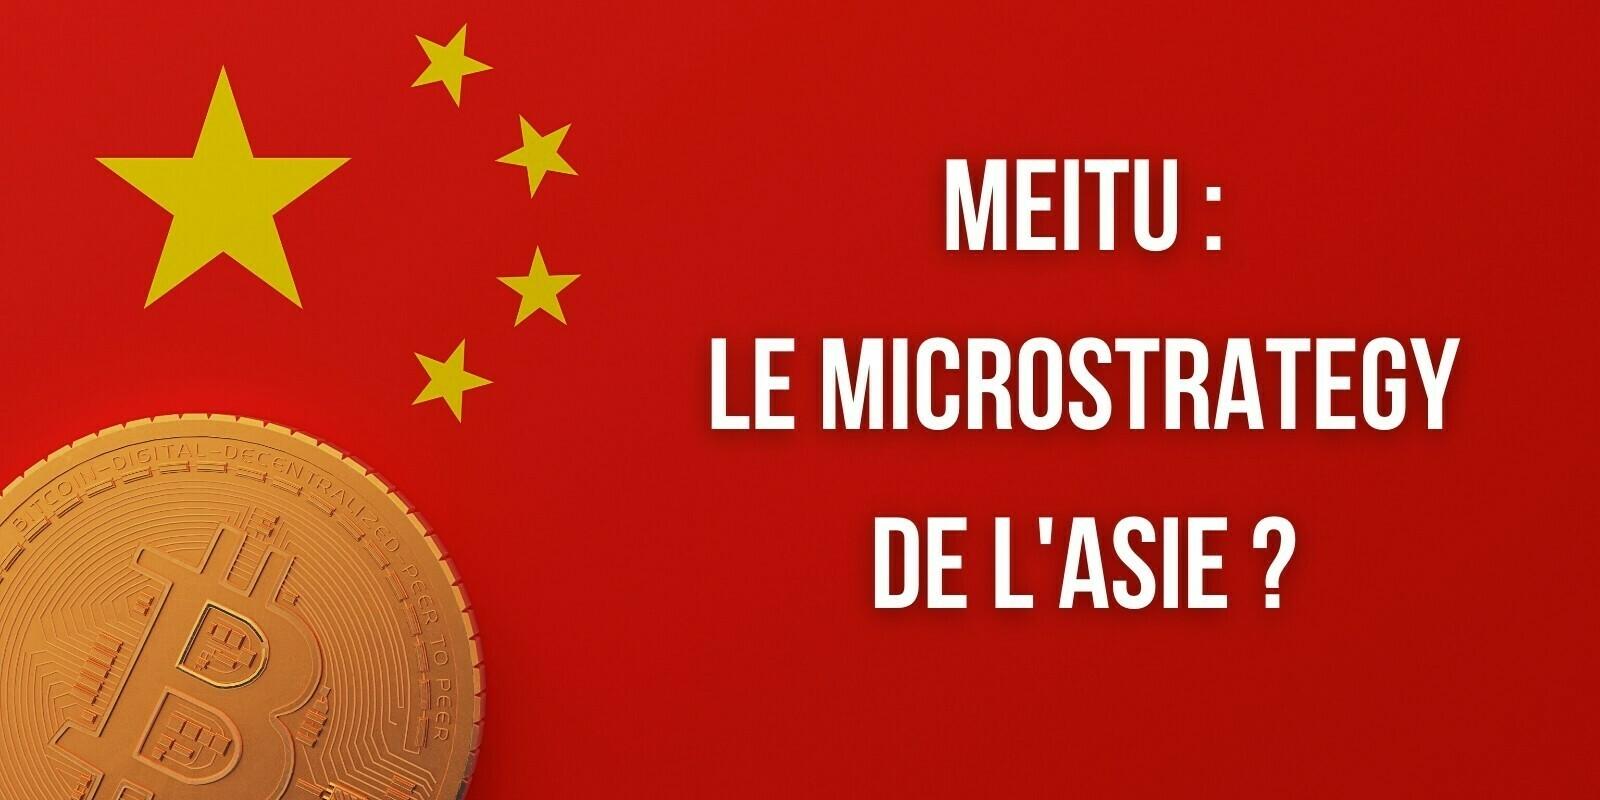 Le MicroStrategy de l'Asie ? Meitu investit 50 millions de dollars supplémentaires dans les cryptomonnaies